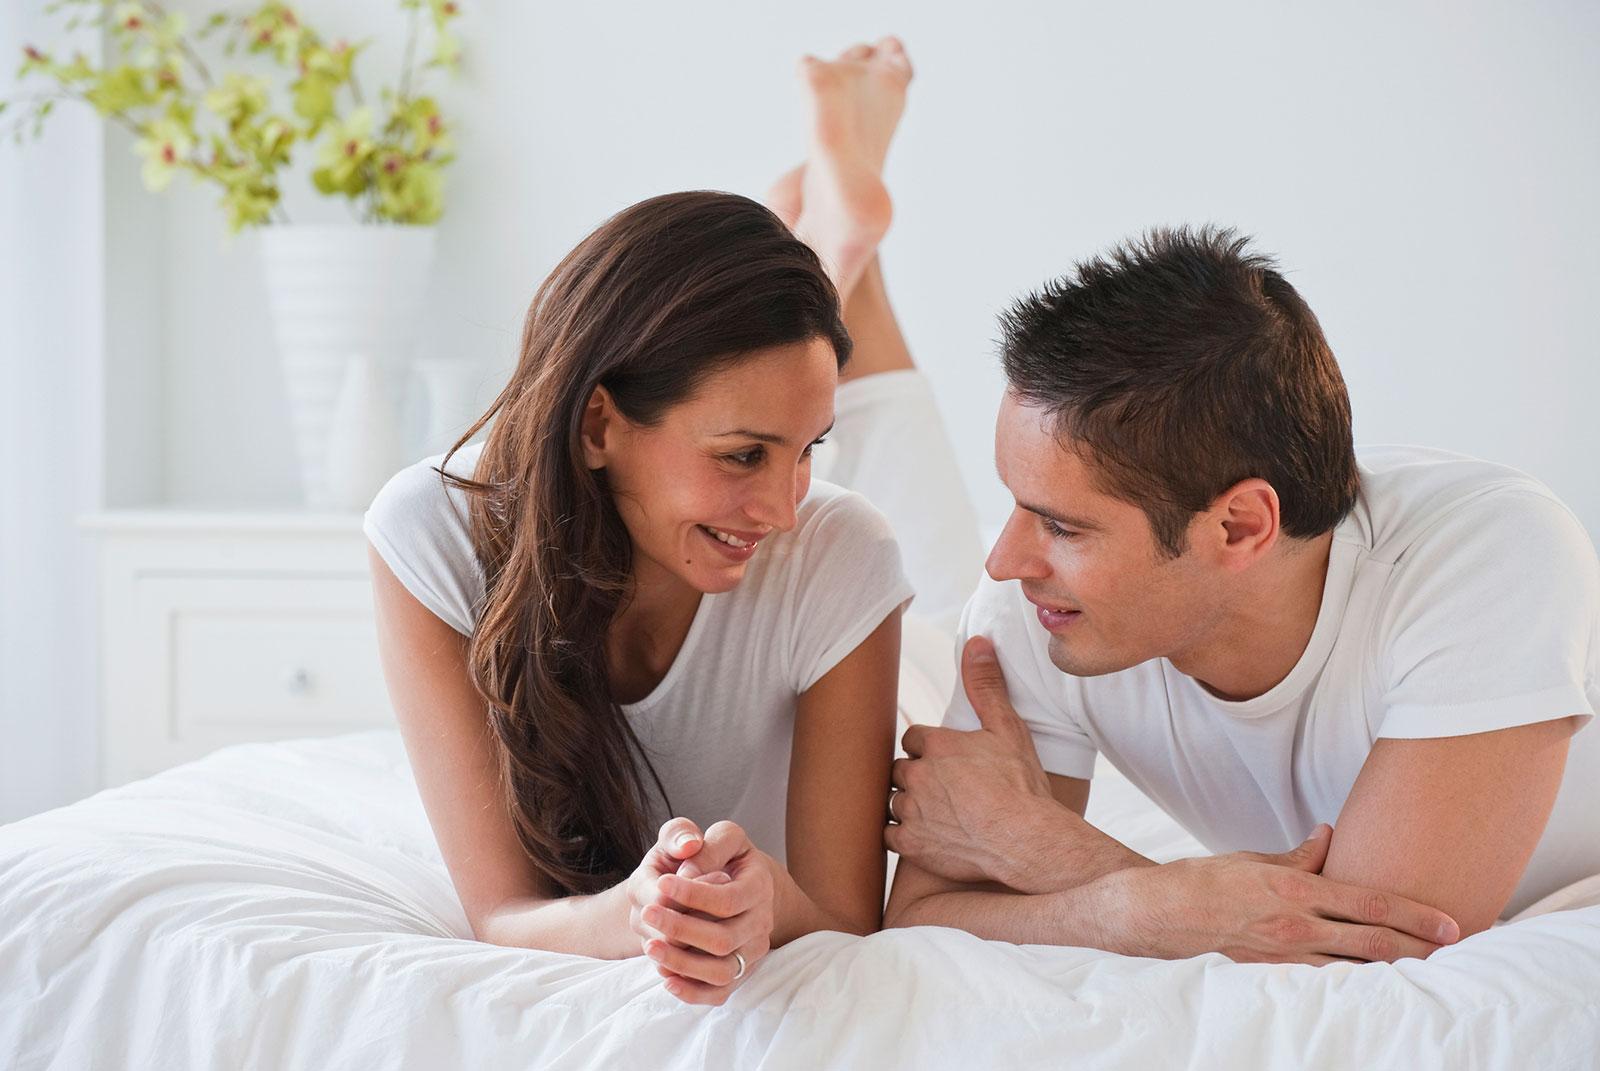 اسباب انتفاخ المهبل بعد العلاقة الزوجية